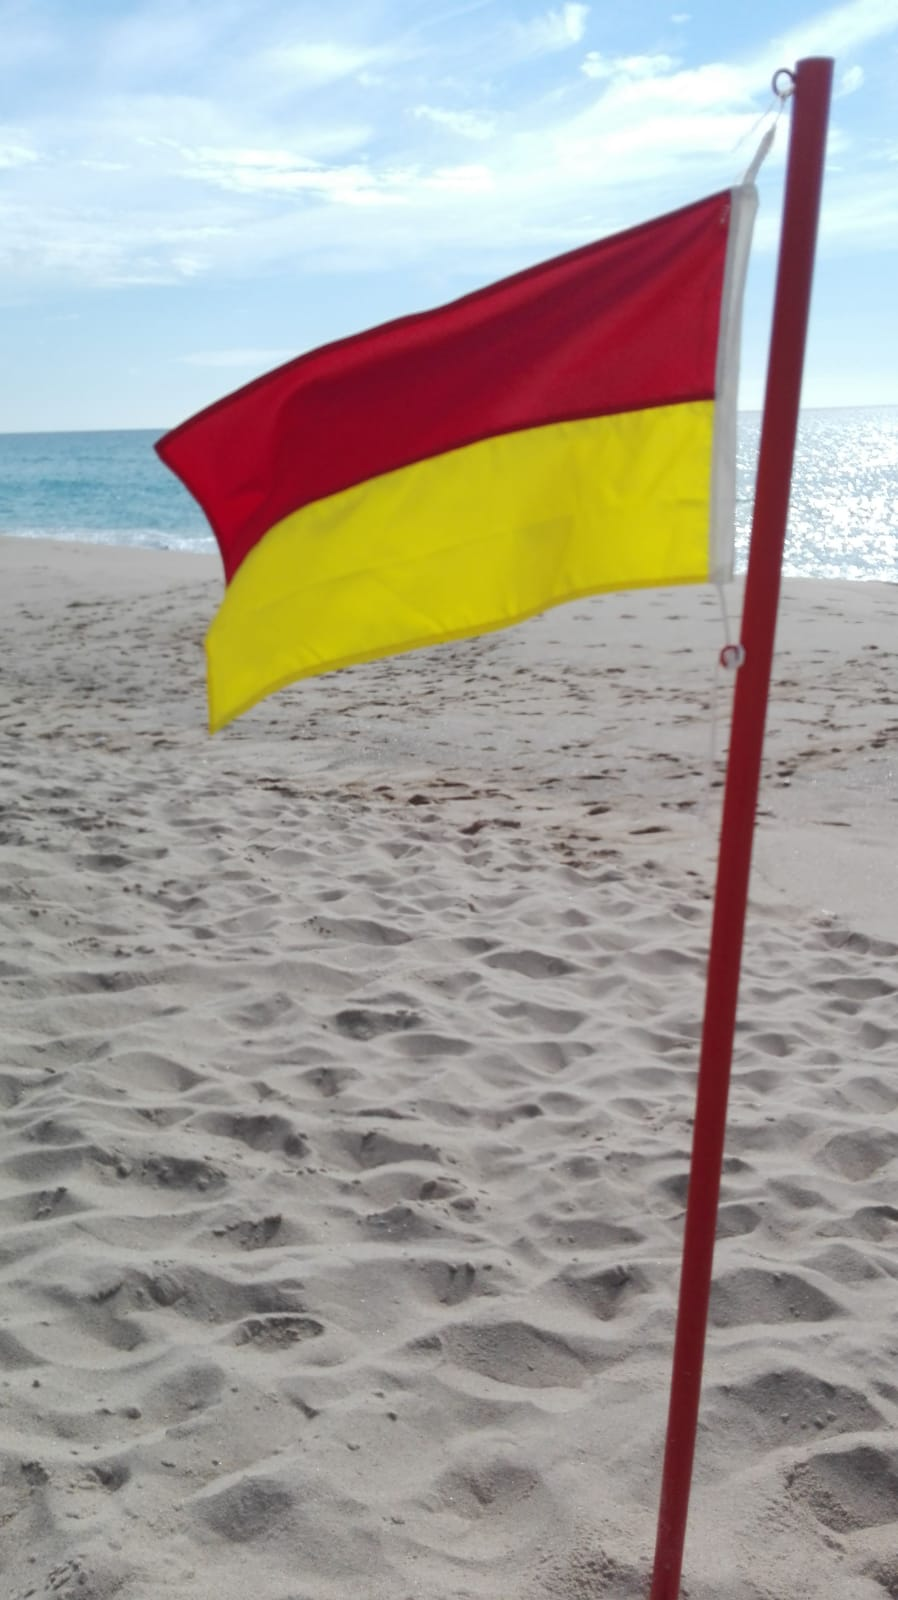 Sabe o que significam as novas bandeiras para as praias?